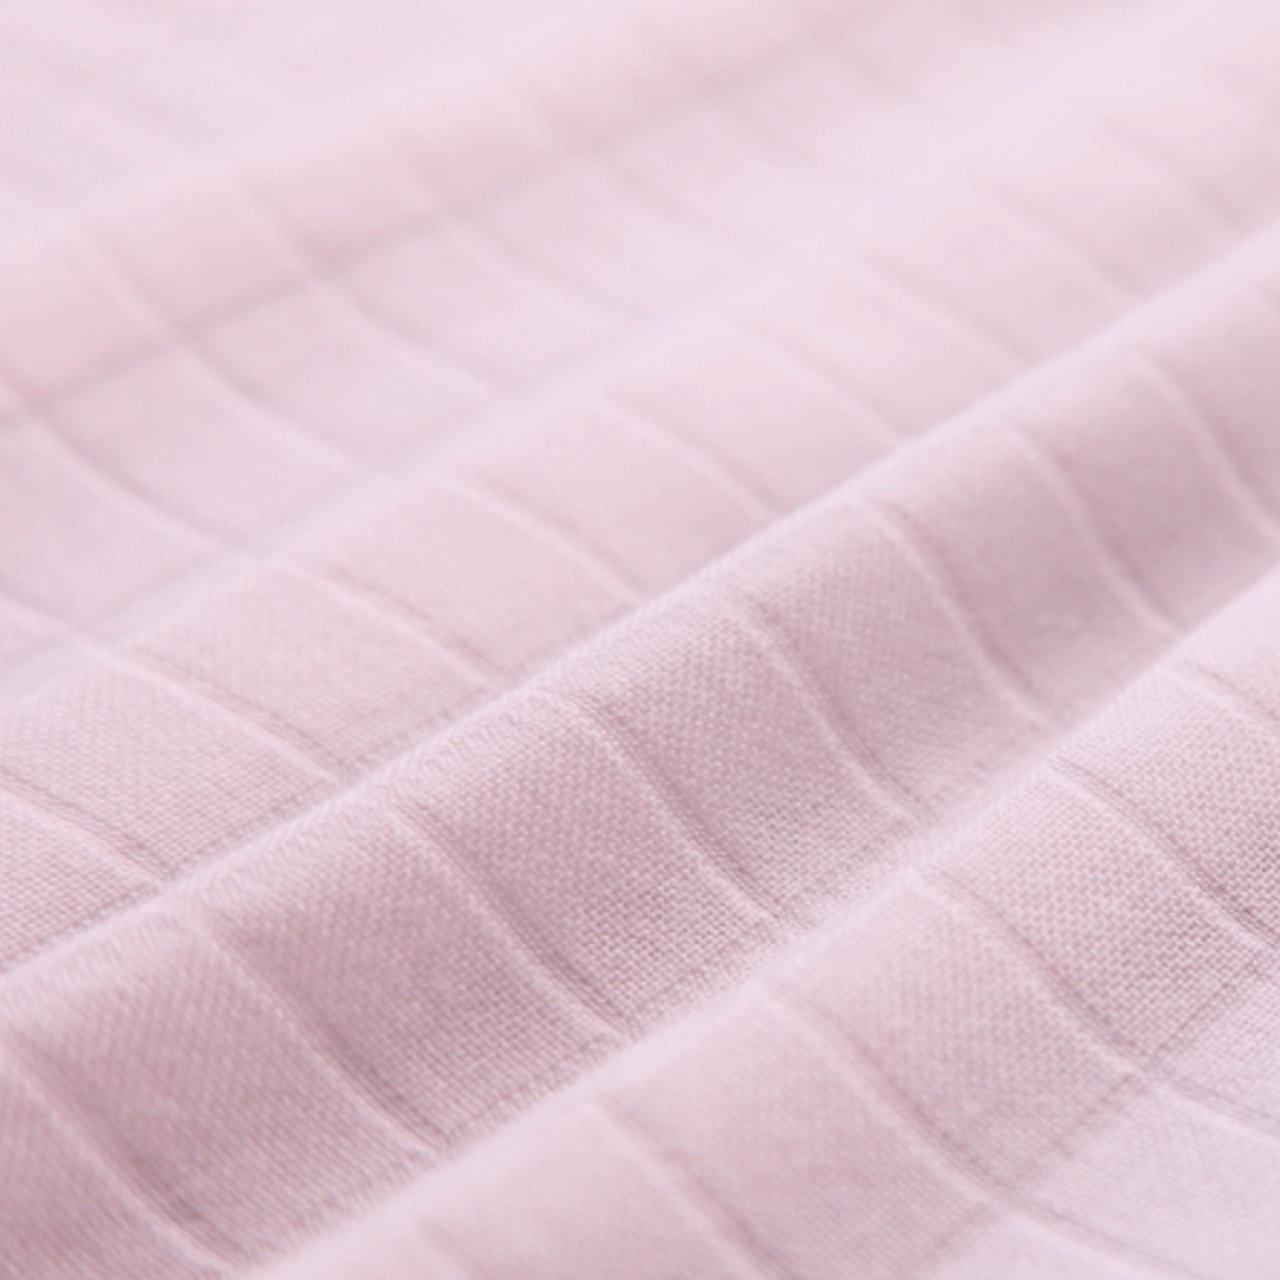 """Ткань муслин """"Розовый однотон"""", ширина 160 см"""